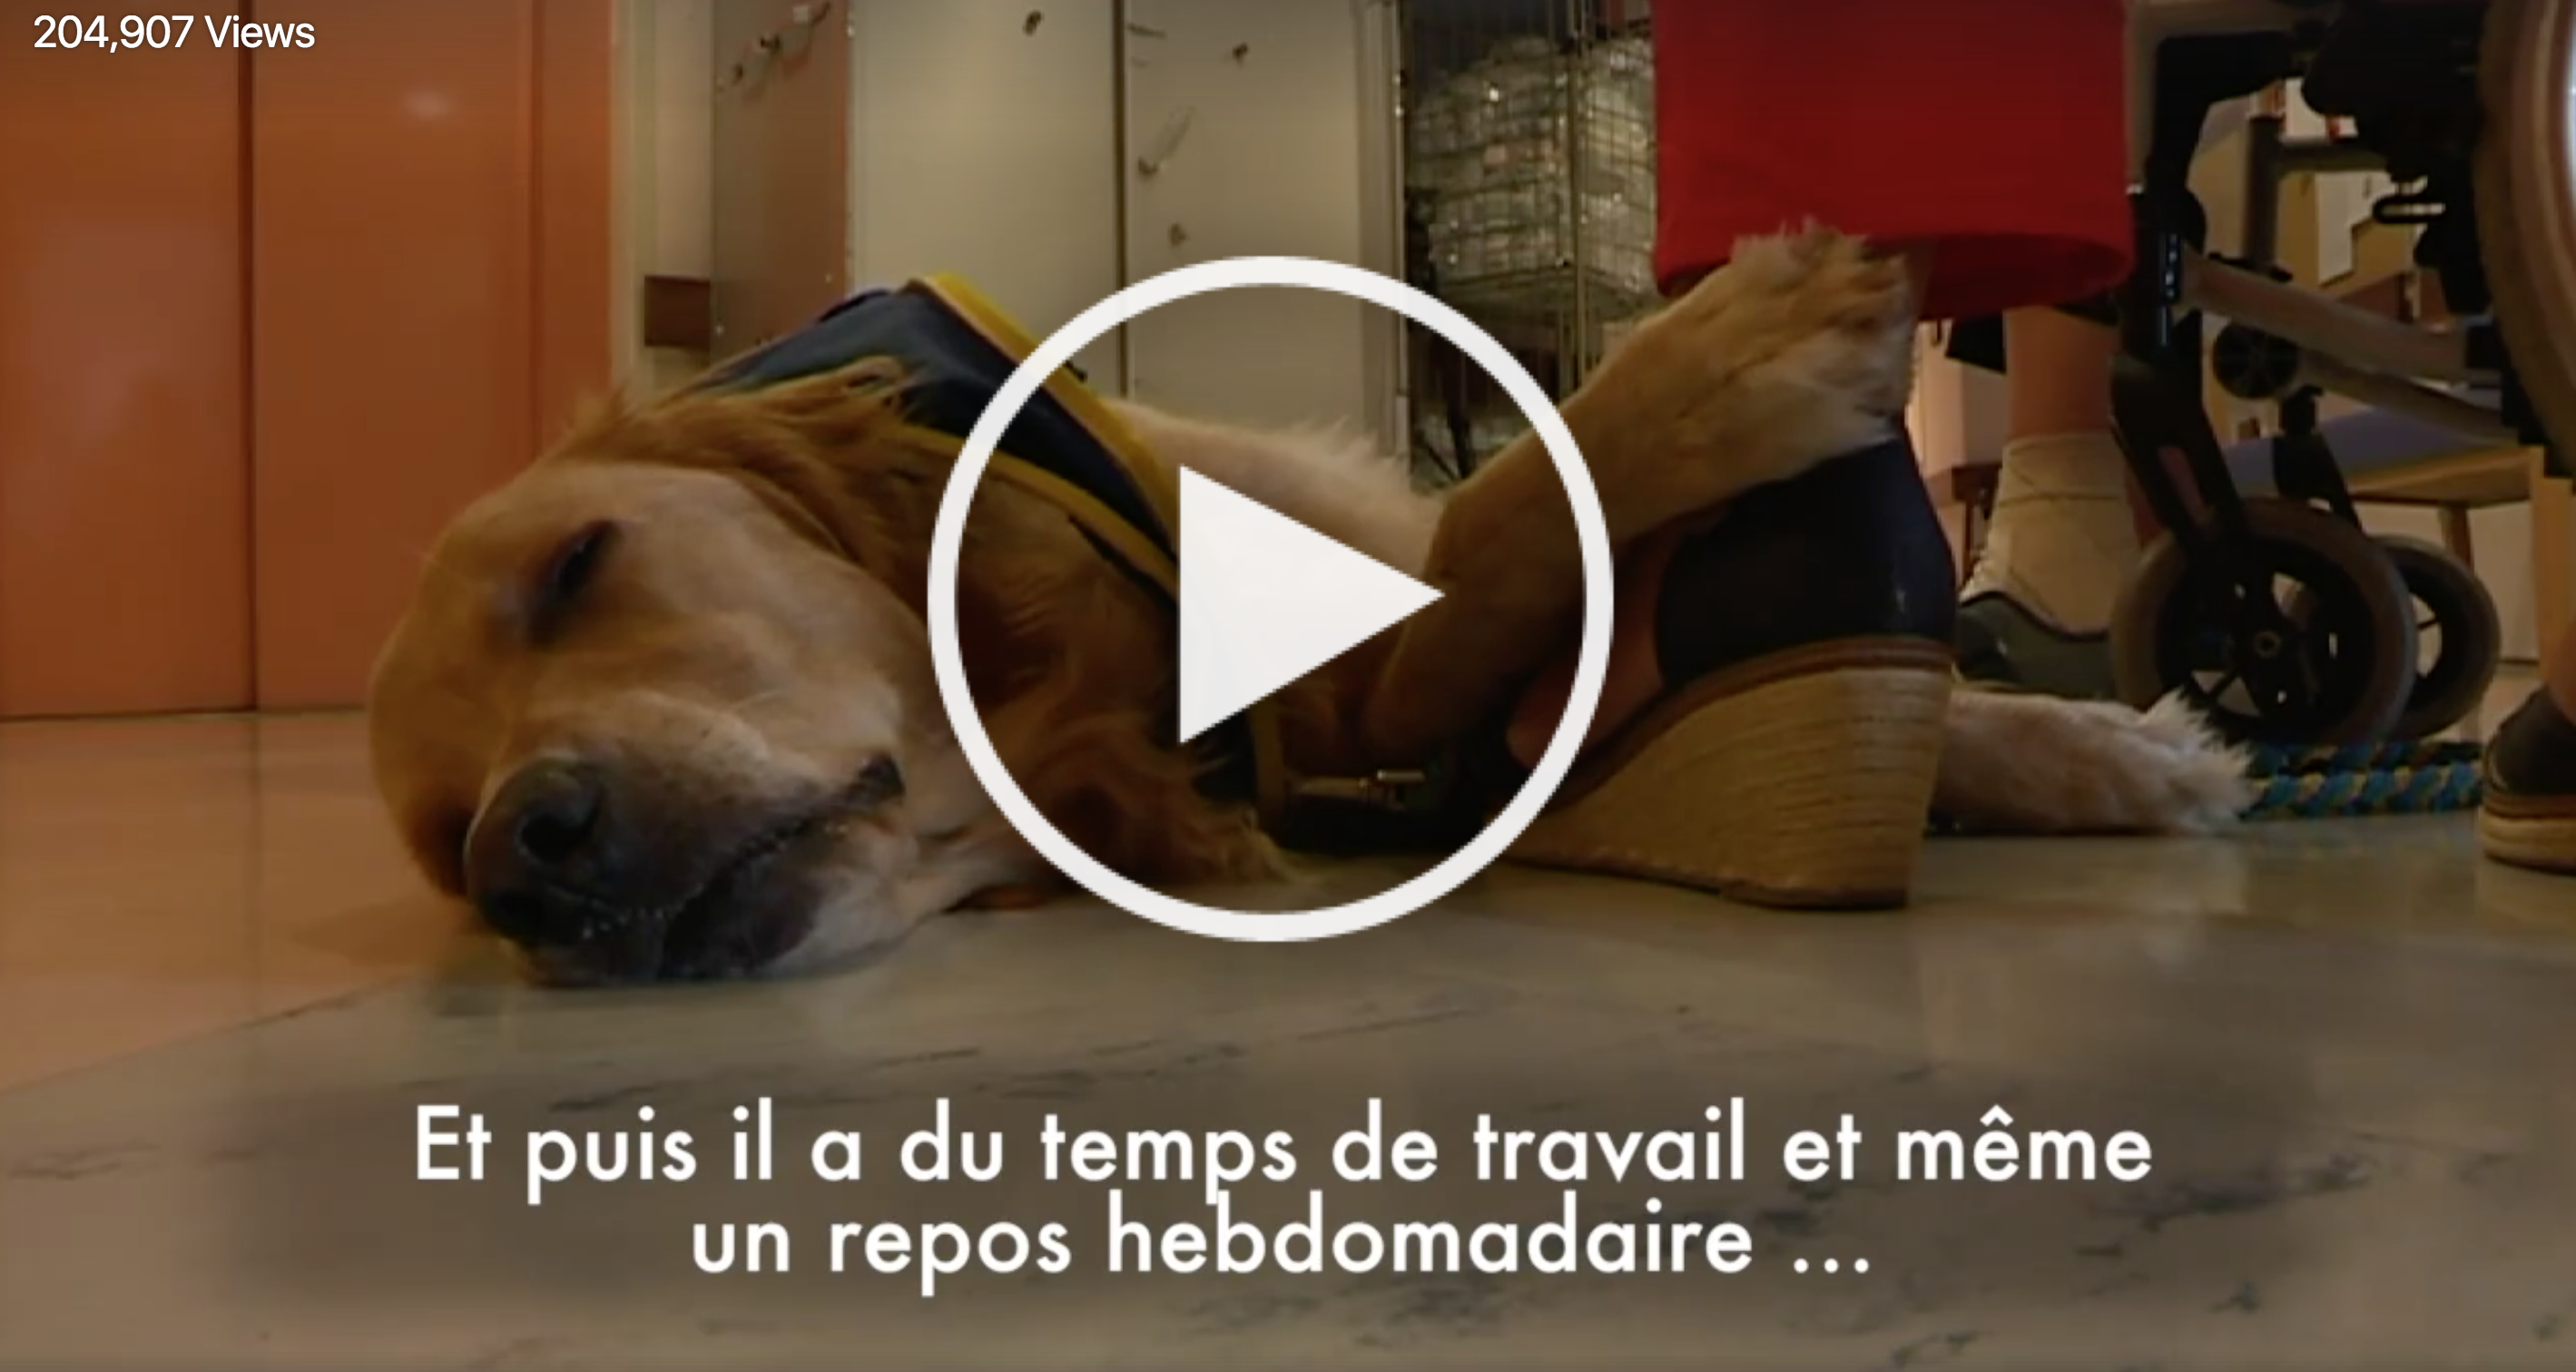 La vidéo de l'infirmier Jeep, le chien thérapeutique, devient virale !